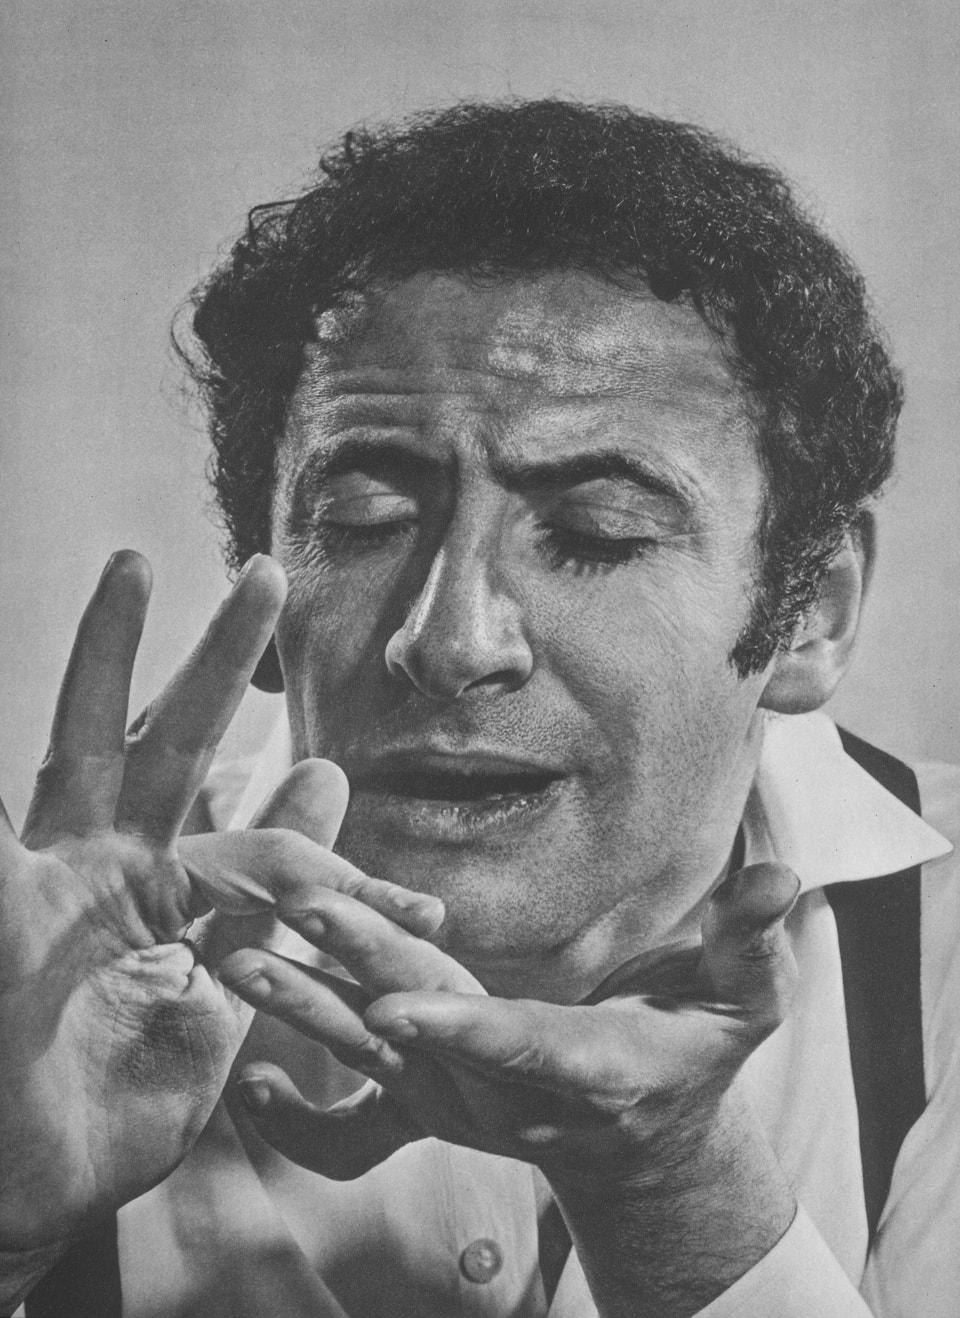 Marcel Marceau by Yousuf Karsh, 1956